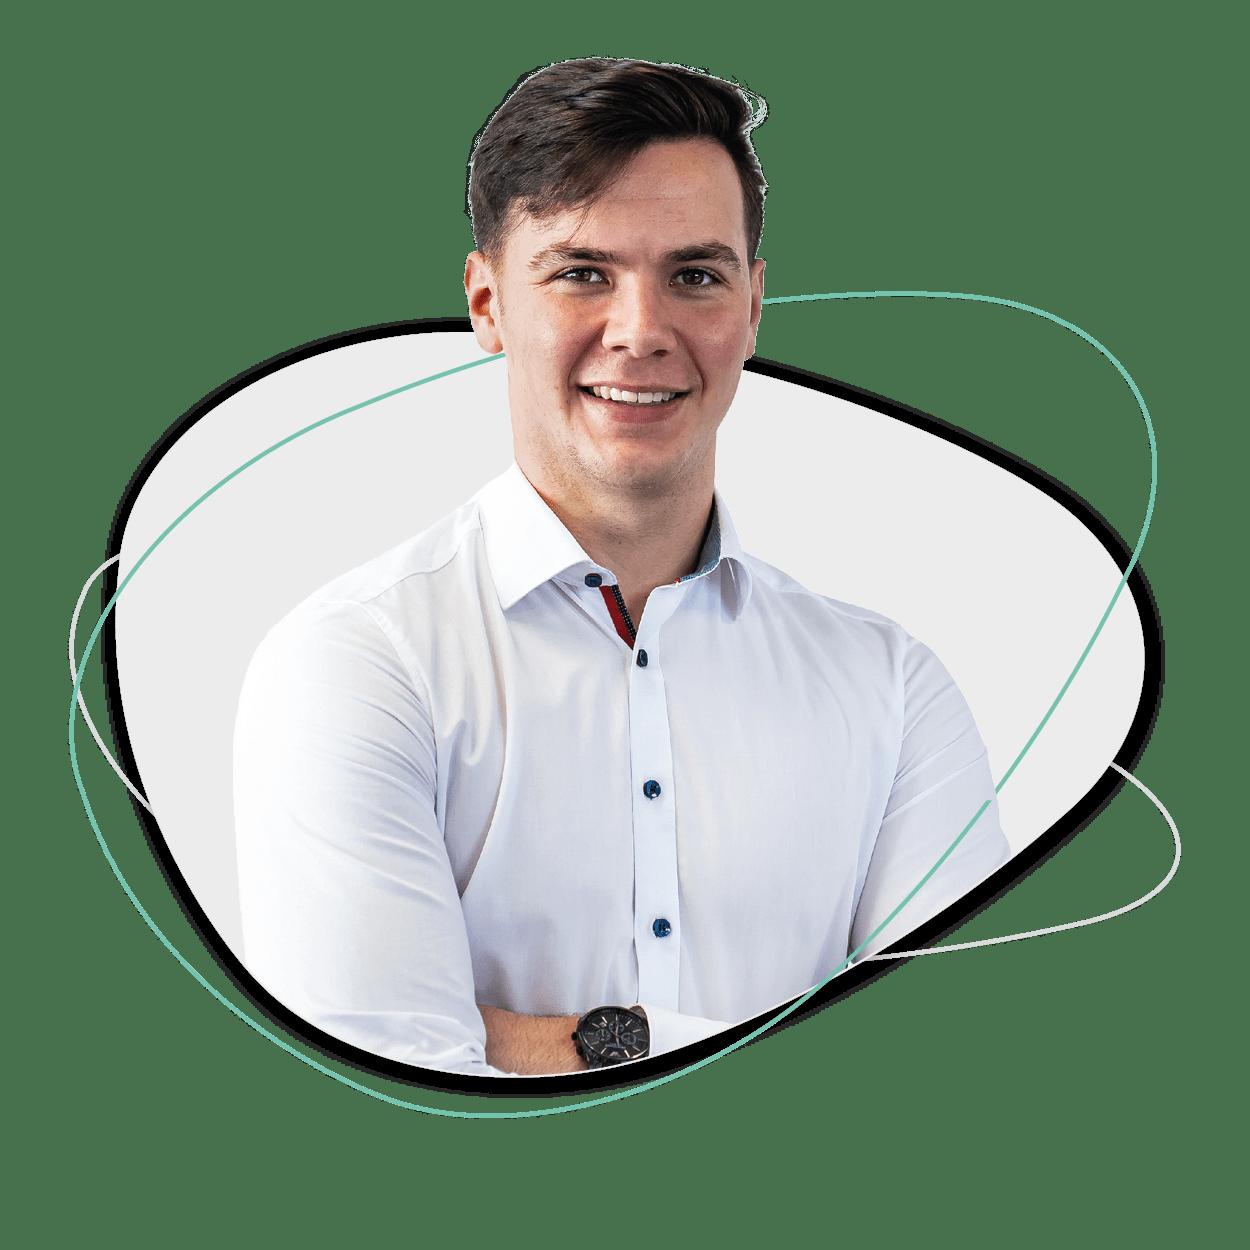 Stan Kusters Vrijstaand - Online Marketeer / Eigenaar